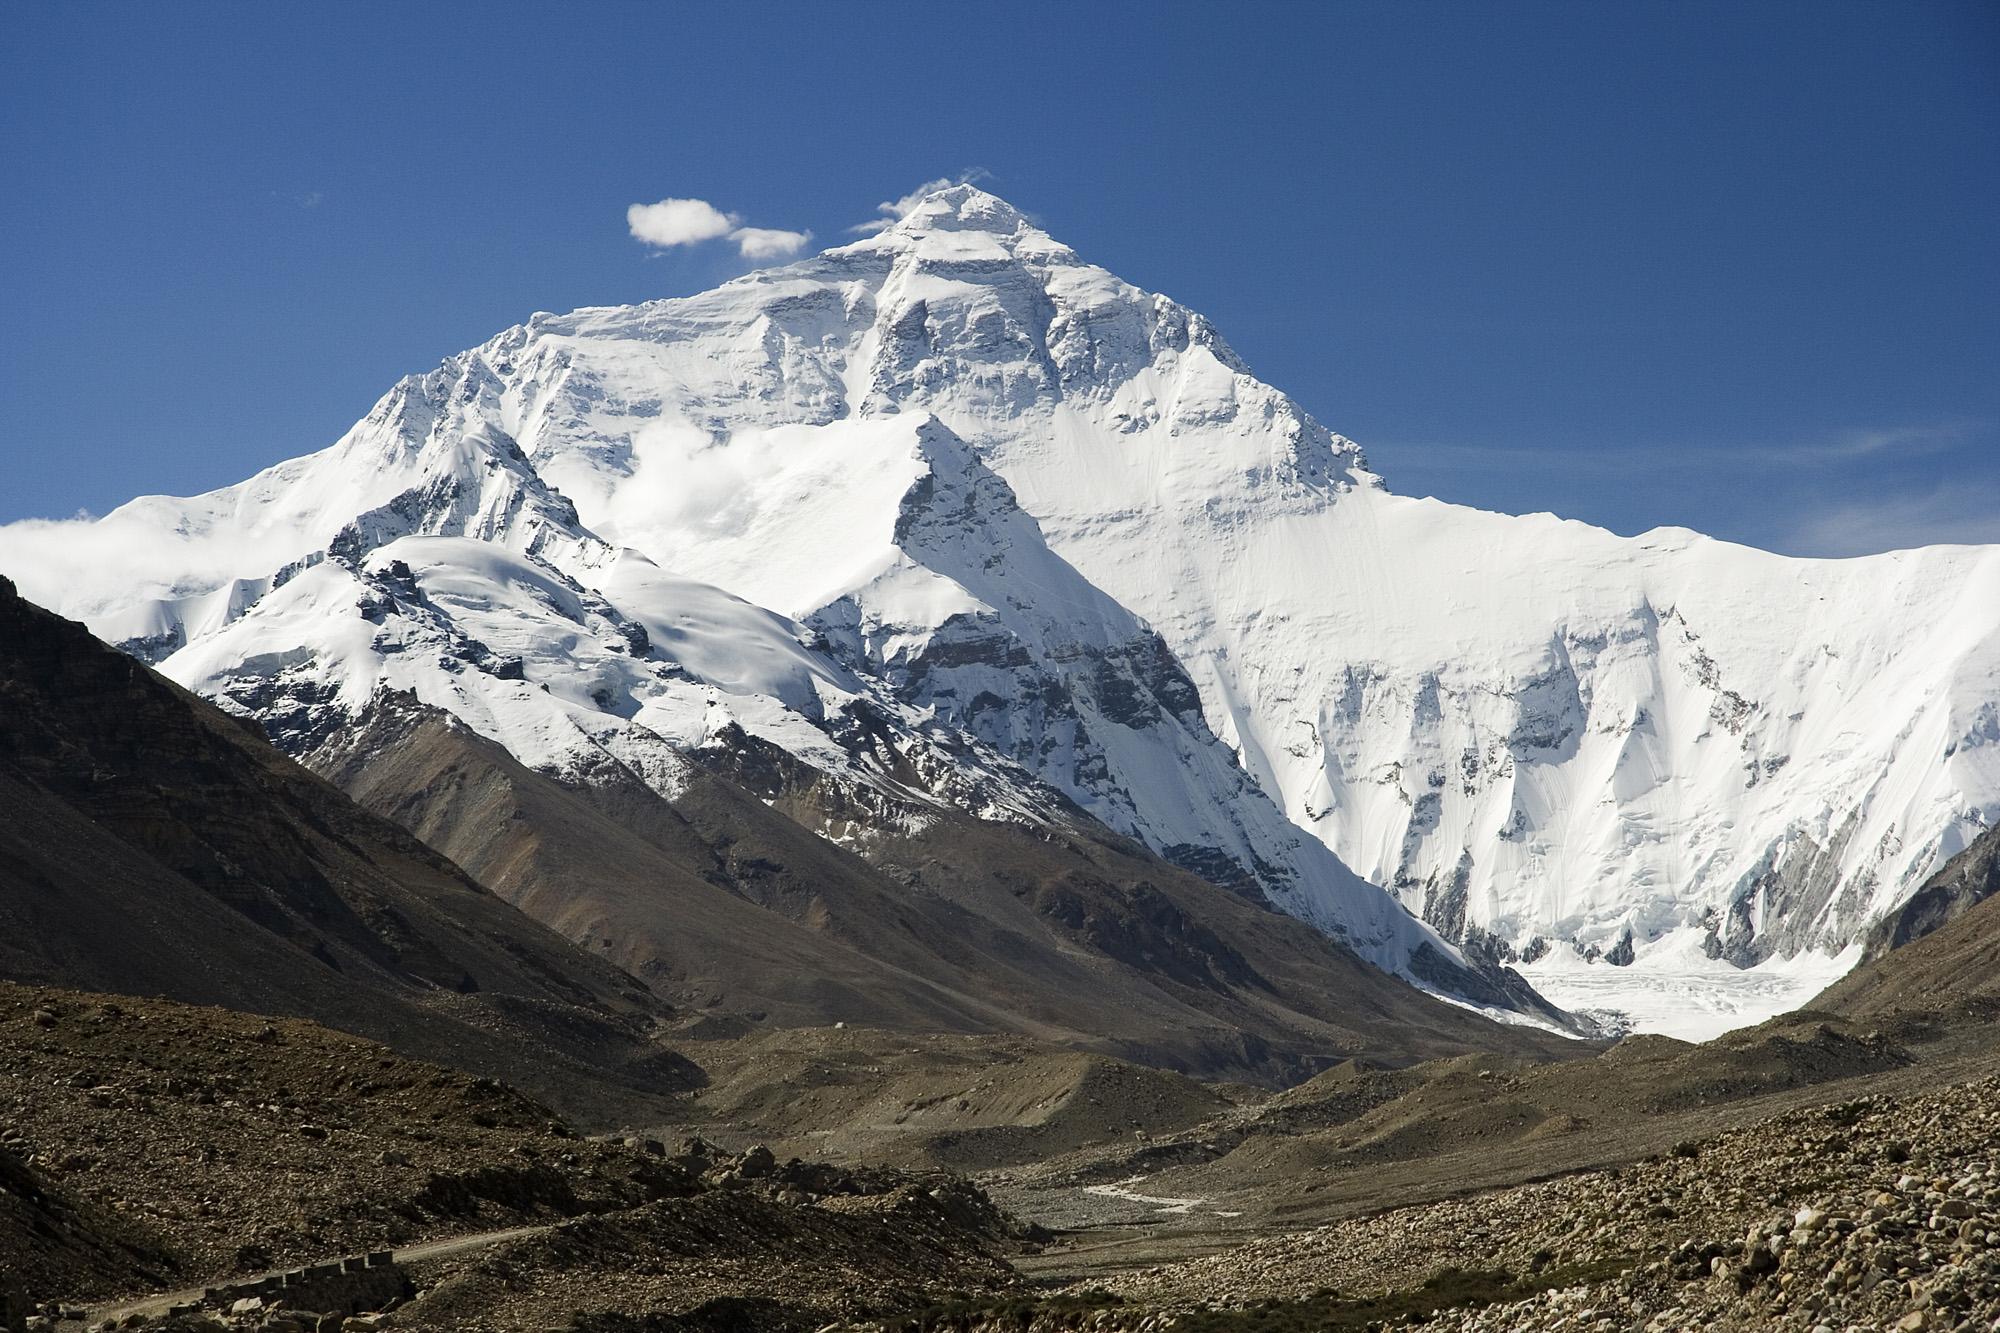 20171229-Mount Everest.jpg